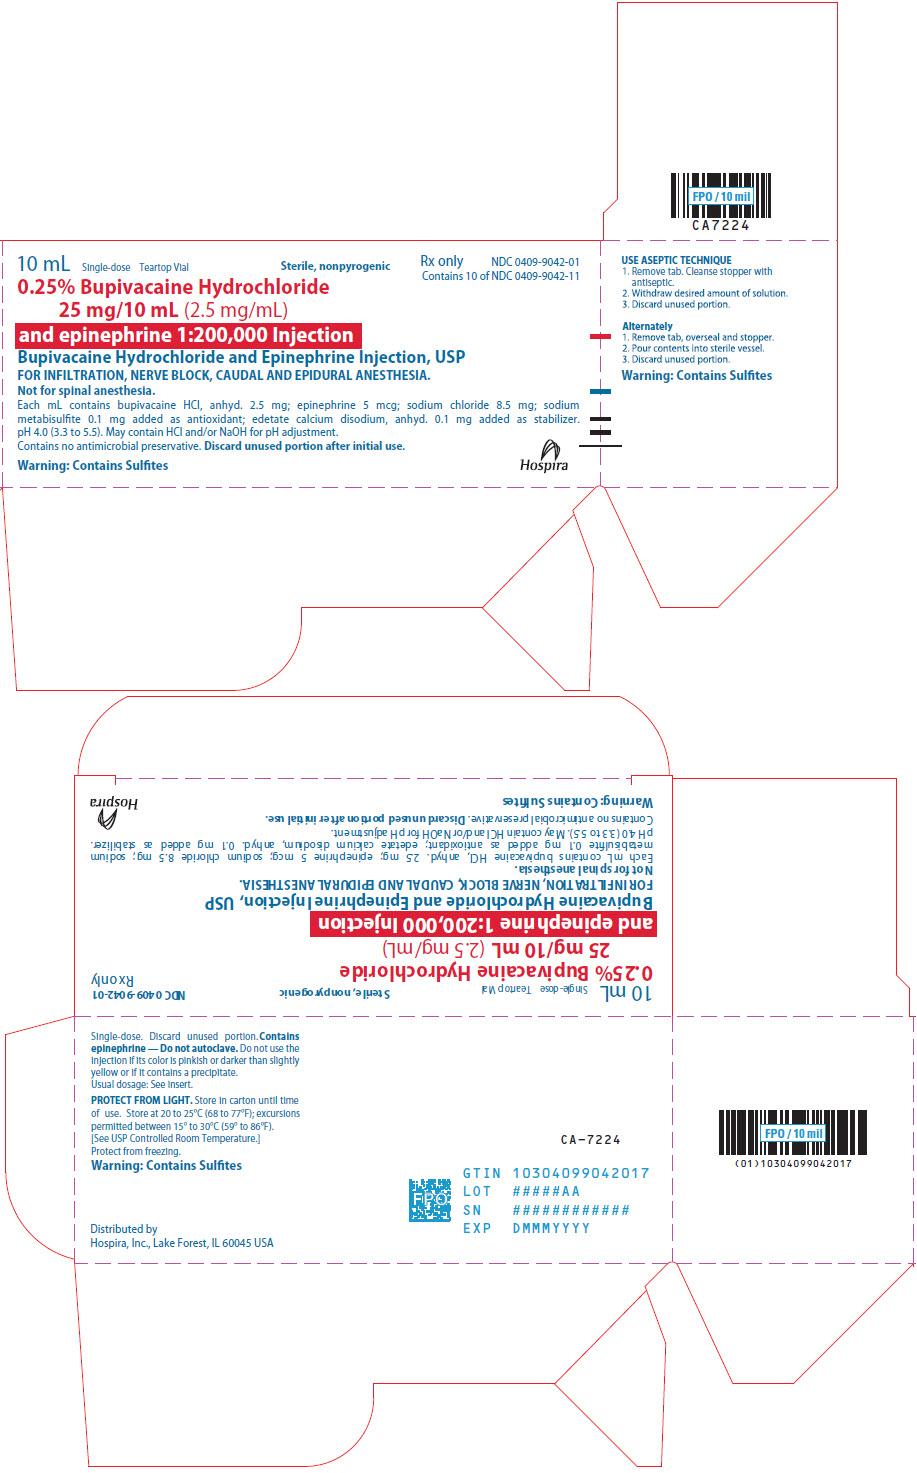 PRINCIPAL DISPLAY PANEL - 25 mg/10 mL Vial Carton